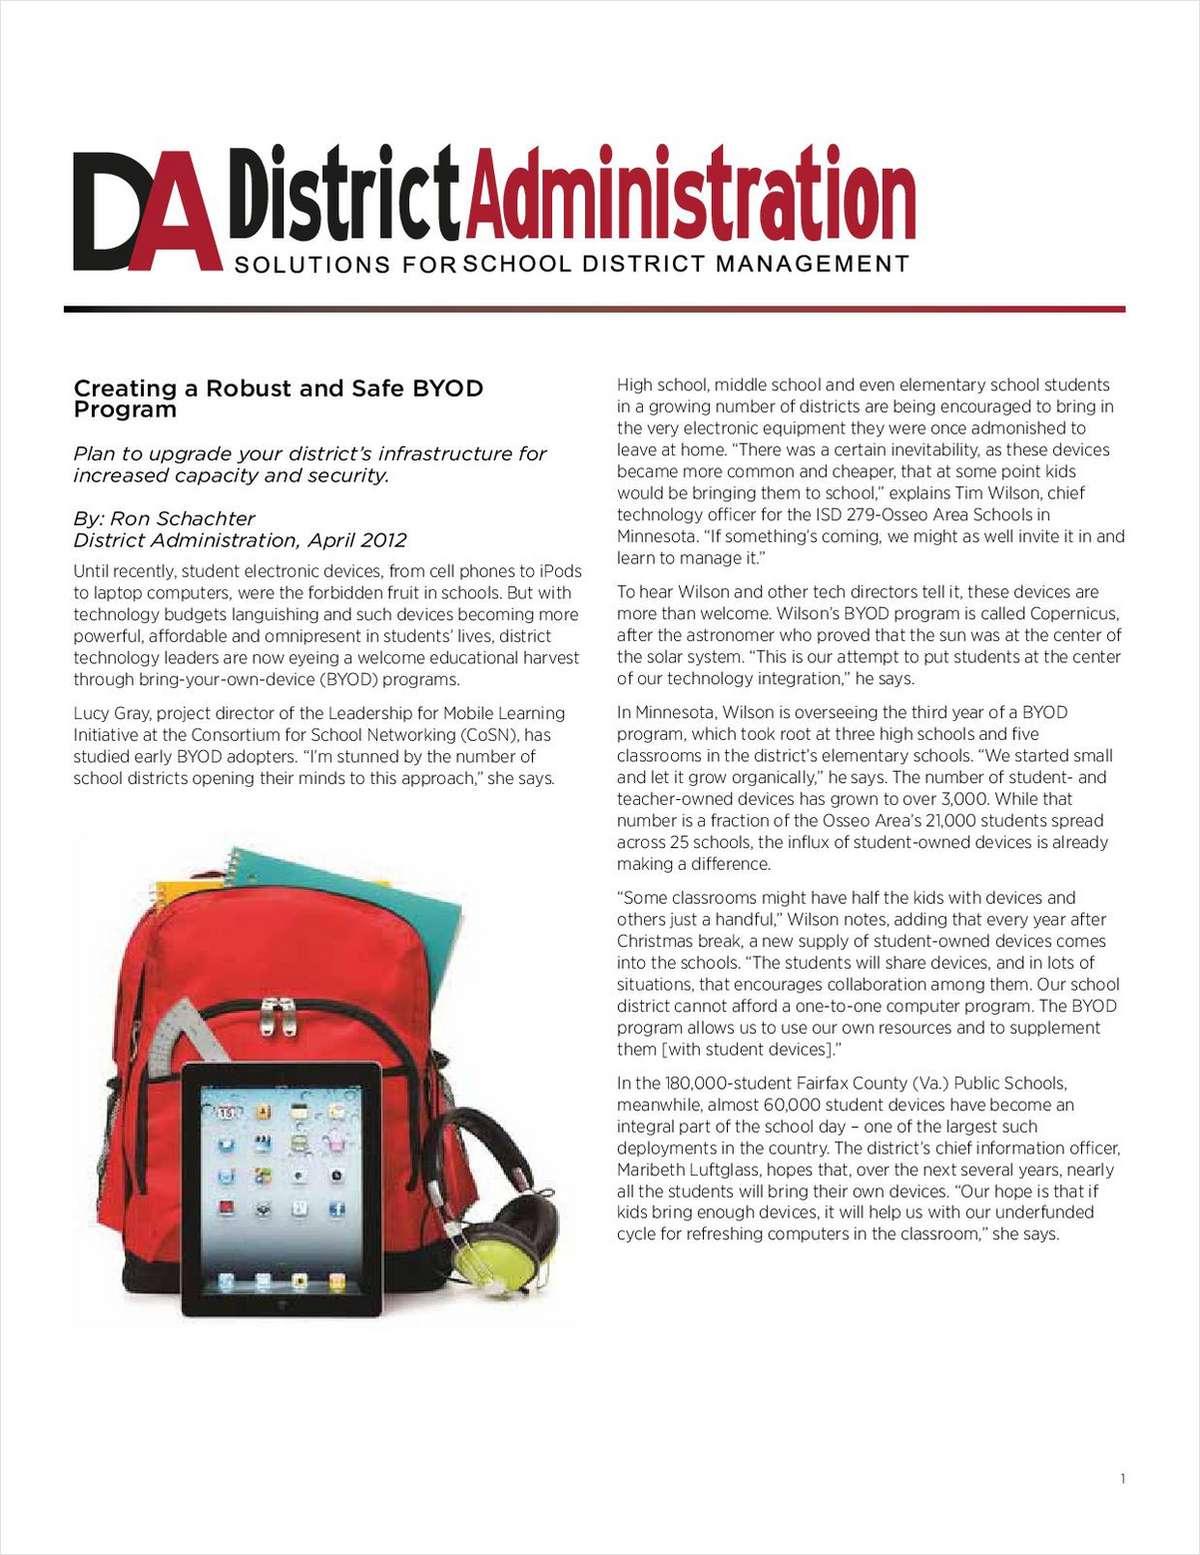 Creating a Safe BYOD Program on a Budget